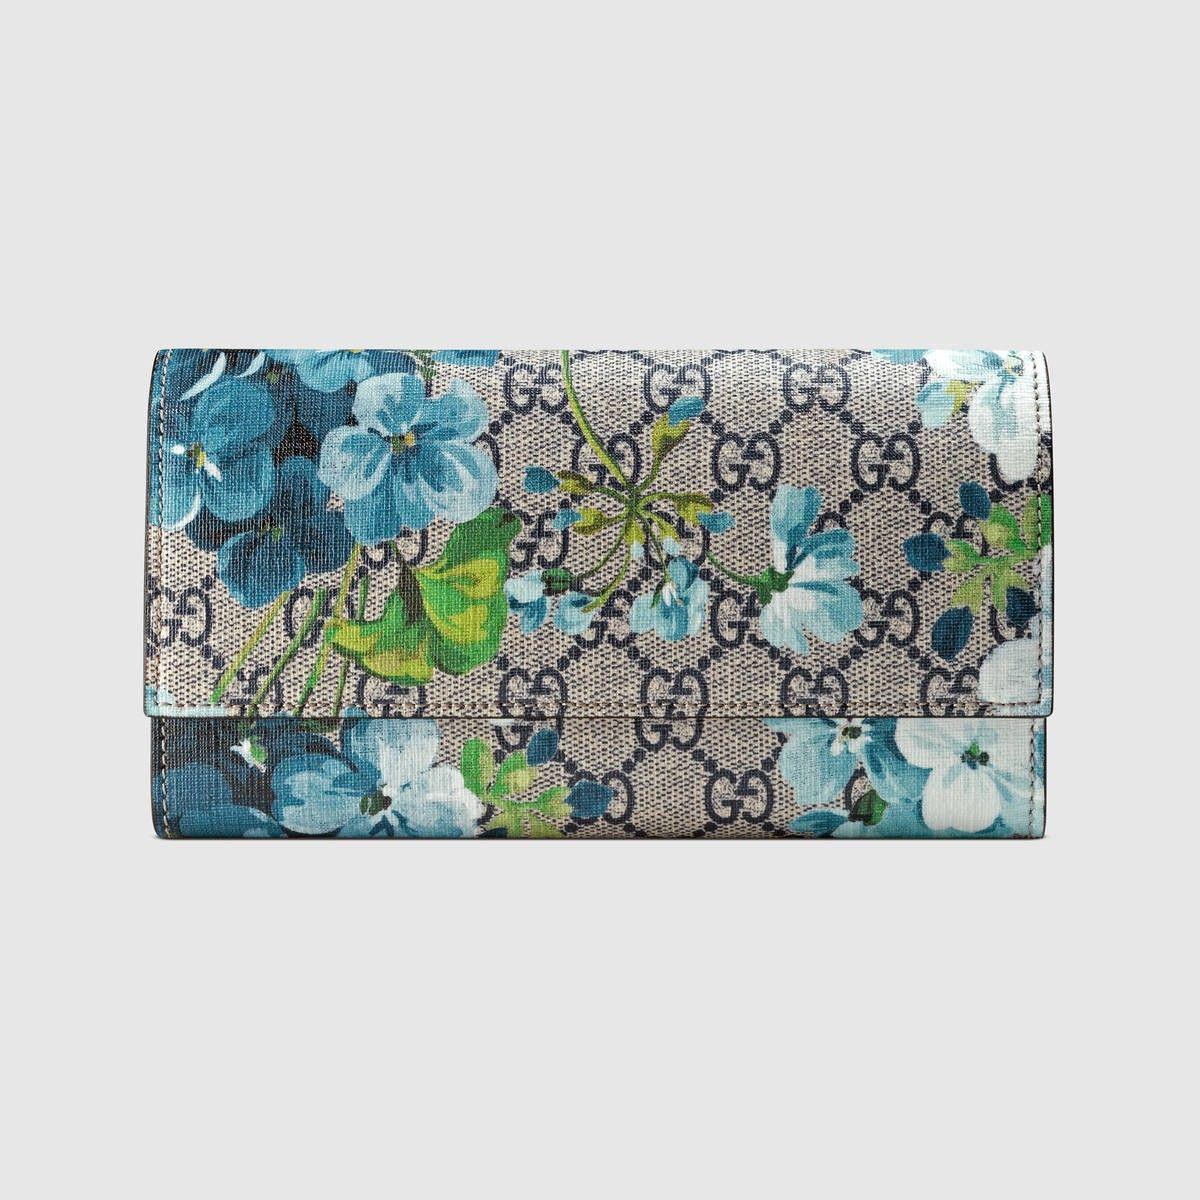 d3effdfa764b36 GUCCI GG Blooms continental wallet - blue blooms. #gucci # | Gucci ...